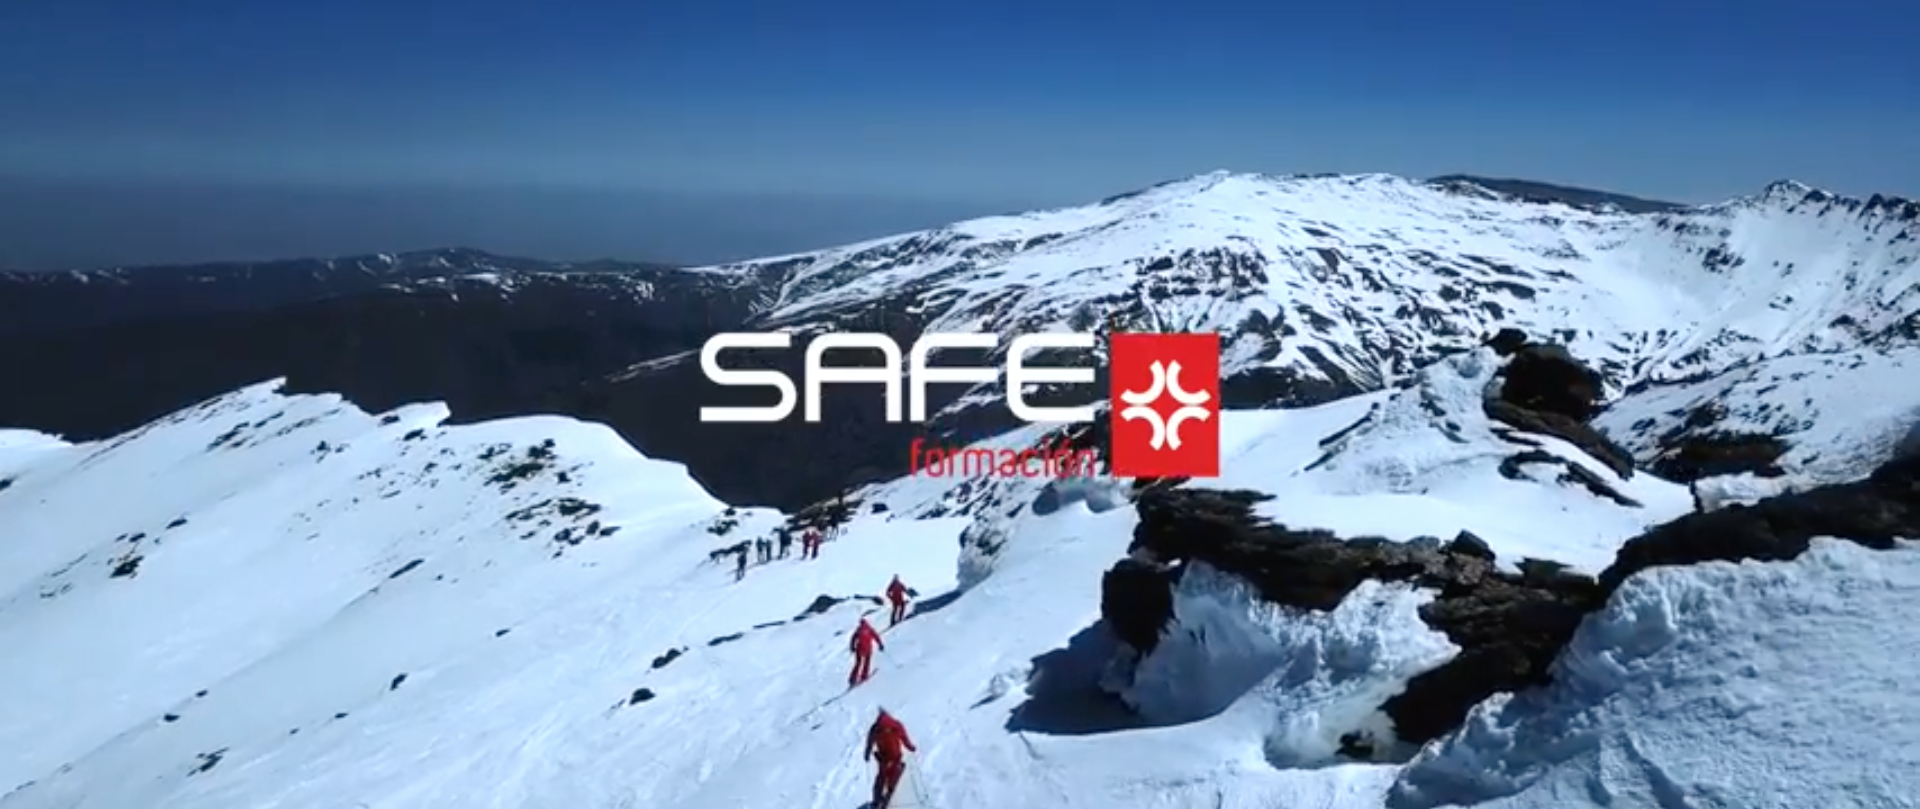 safe-formacion-nieve-pasio